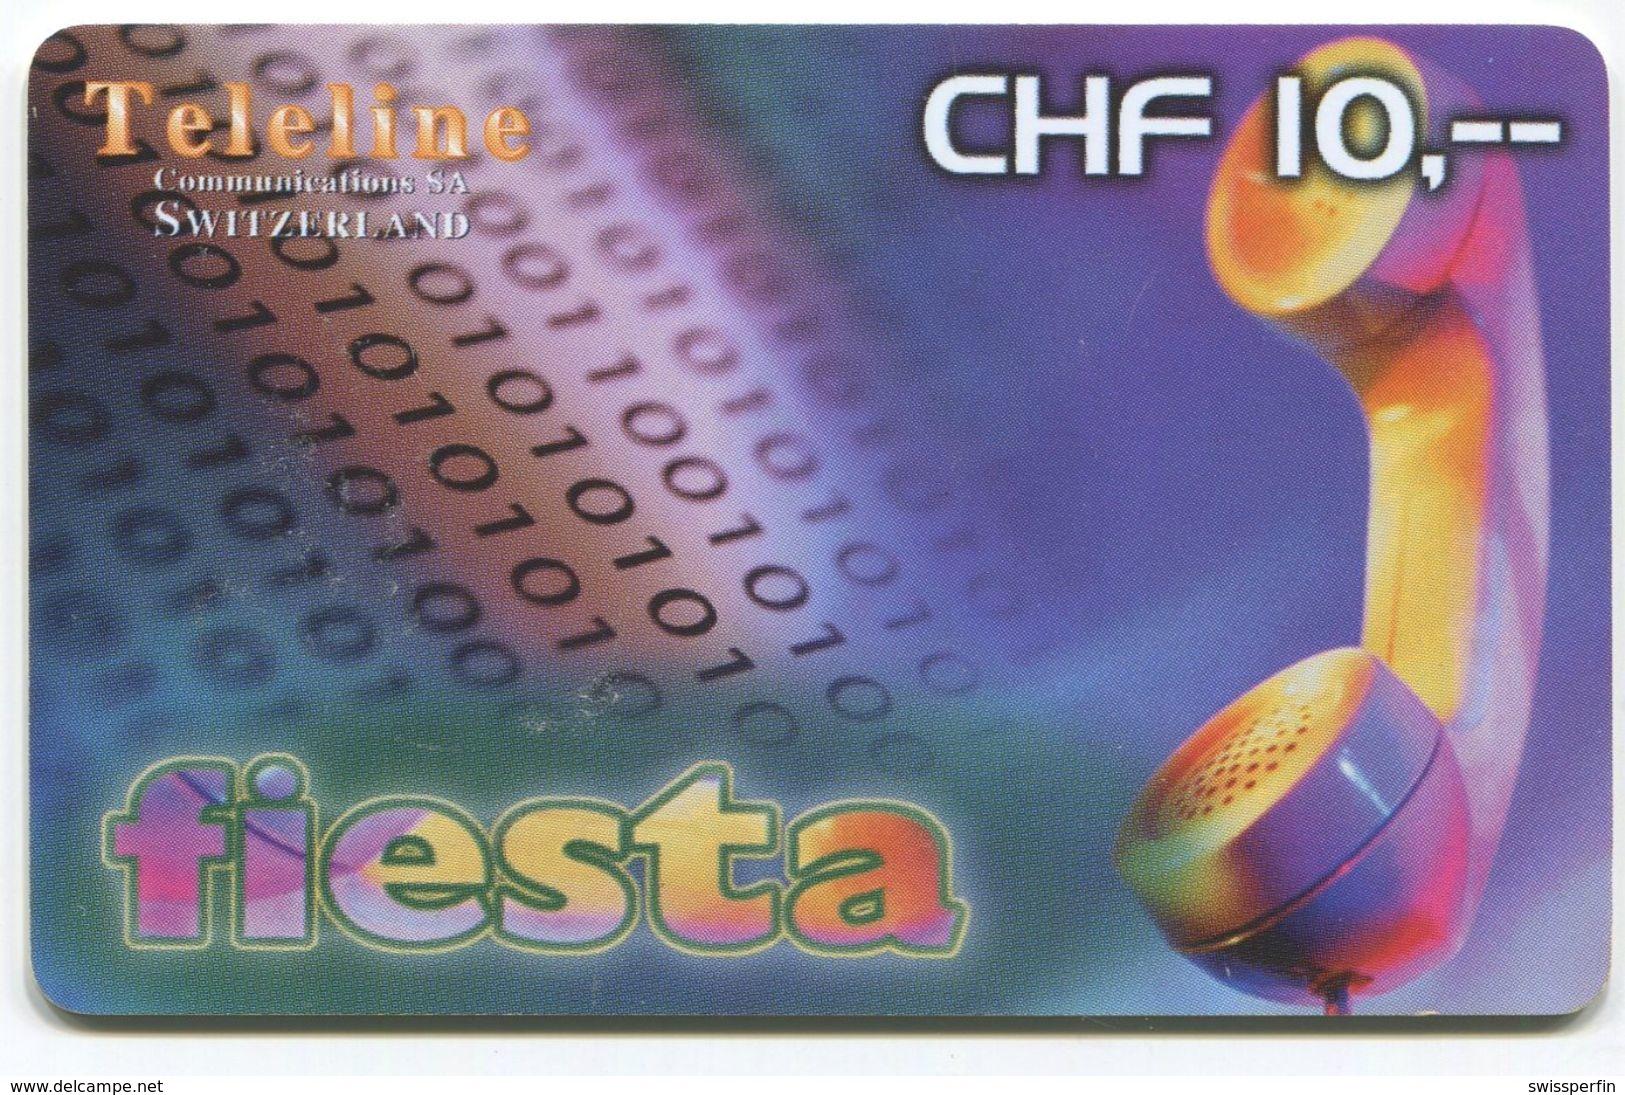 1696 - Teleline Fiesta CHF 10.- Prepaid Telefonkarte - Suisse